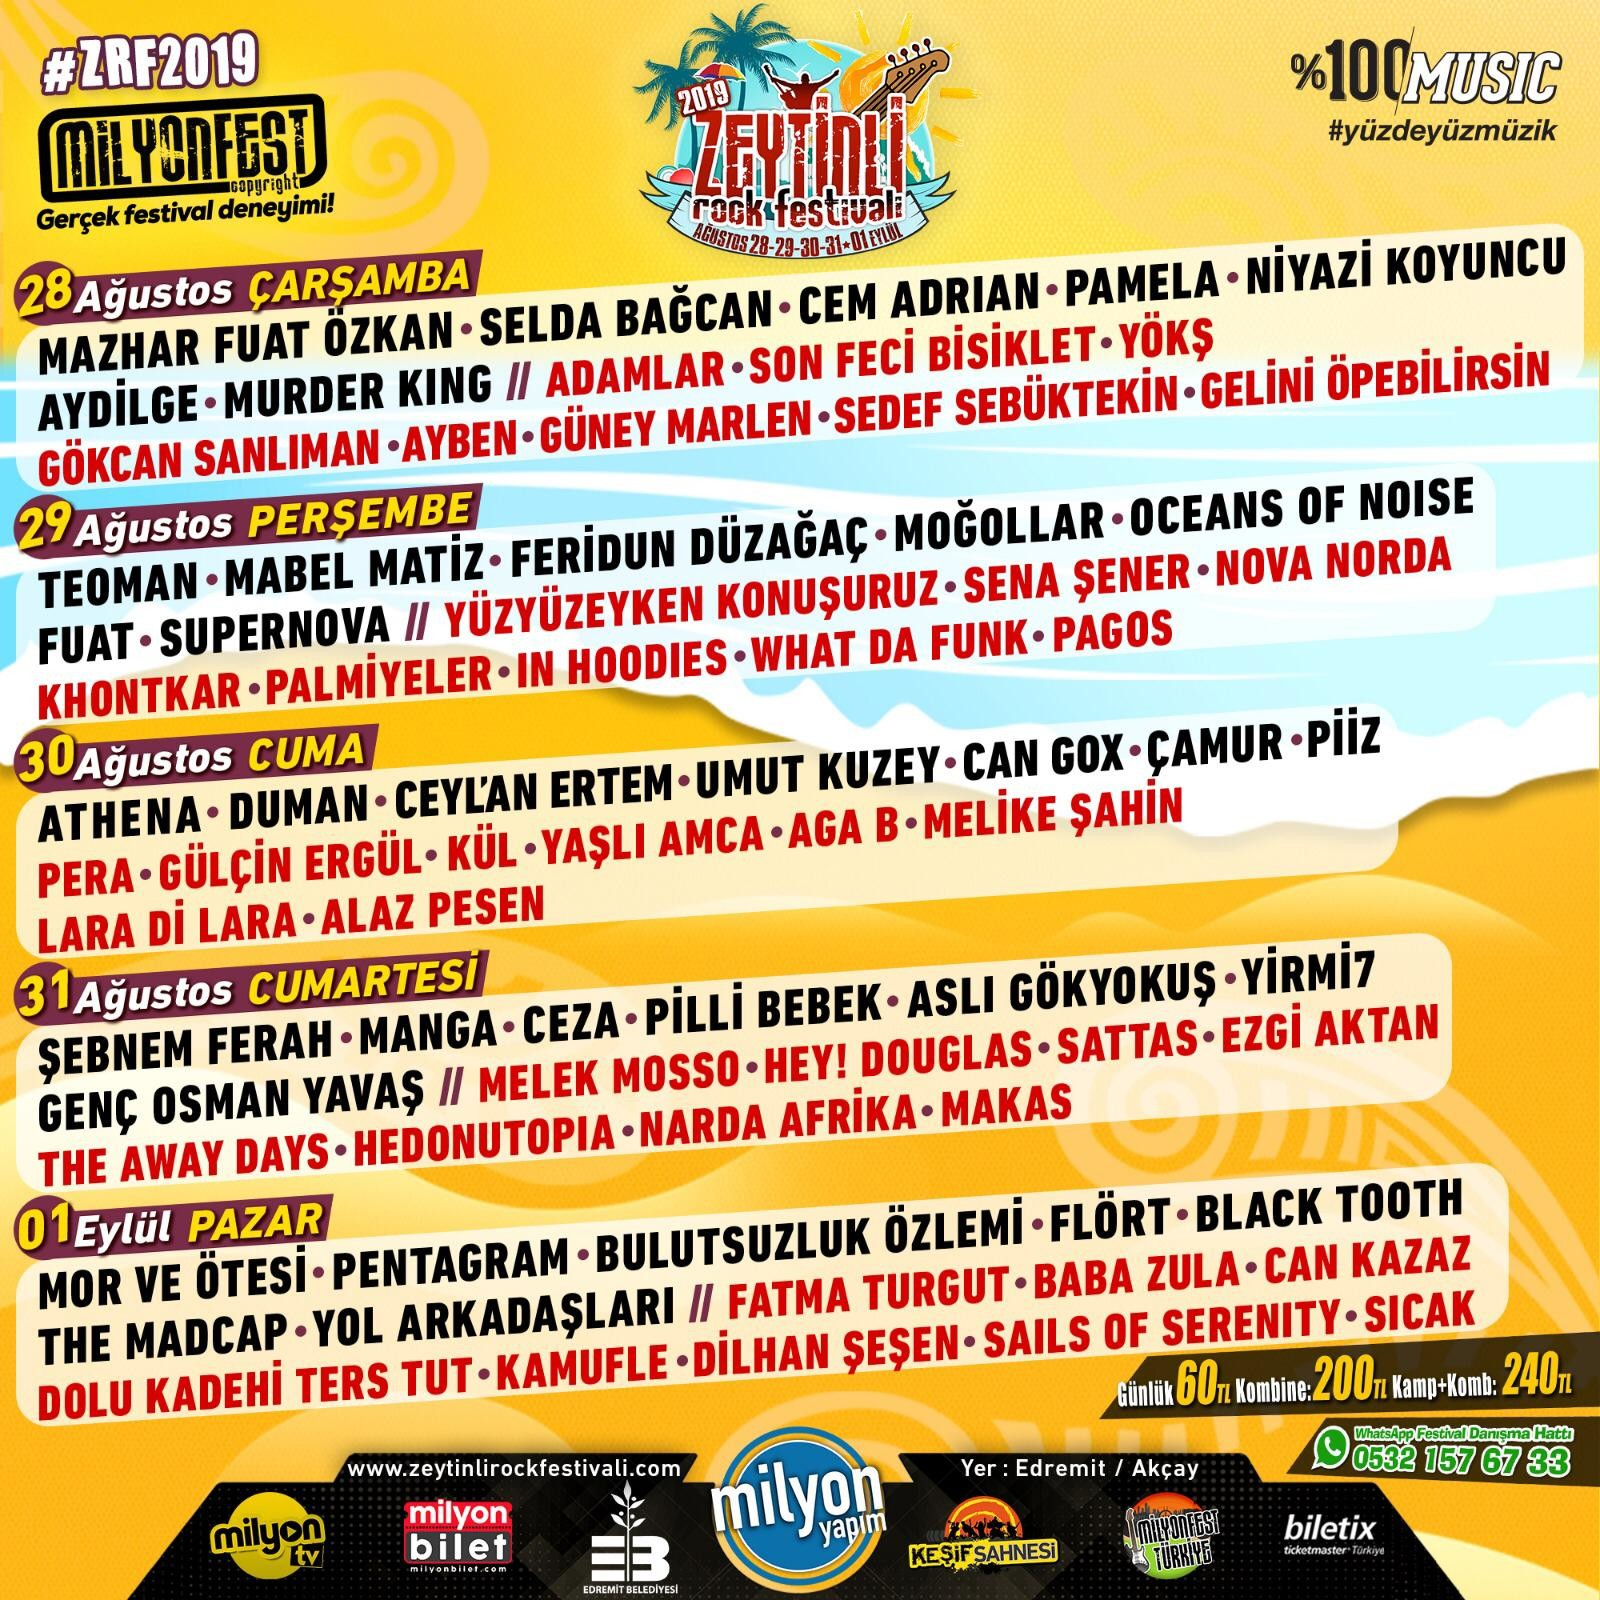 Türkiye'nin En Büyük Festivali: Zeytinli Rock Festivali 28 Ağustos'ta Başlıyor!